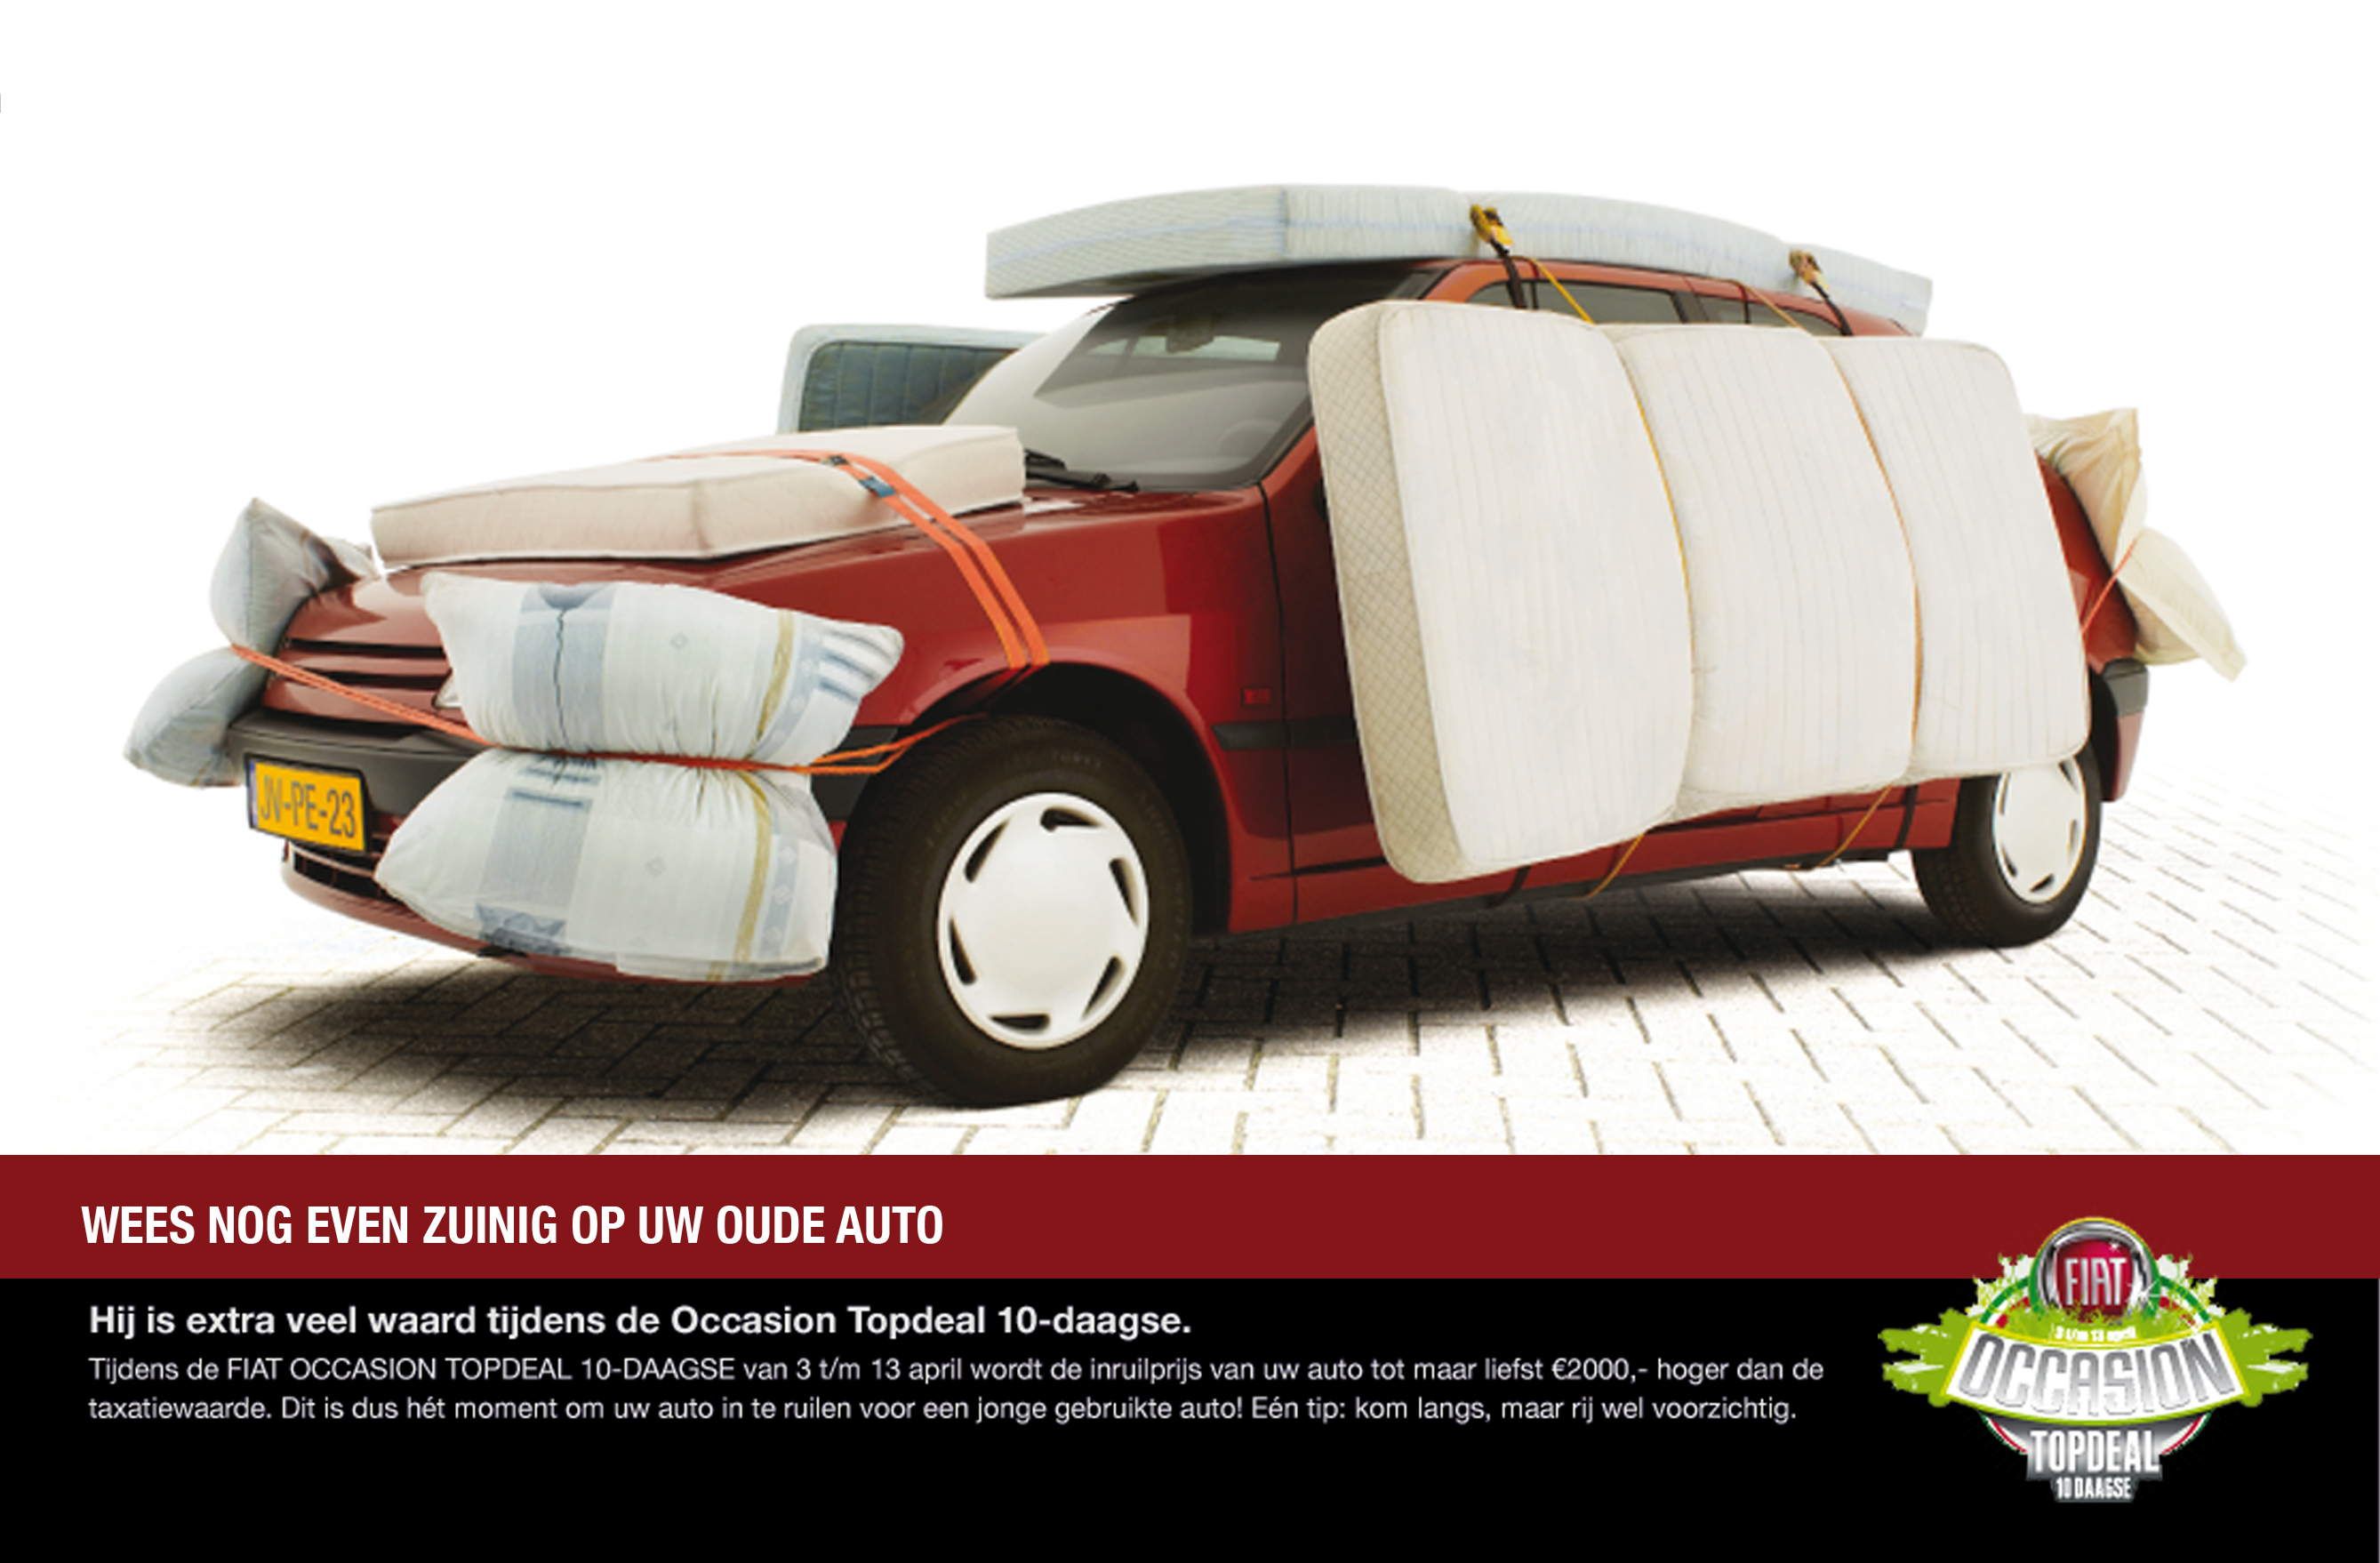 Fiat activatie topdeal-10-daagse